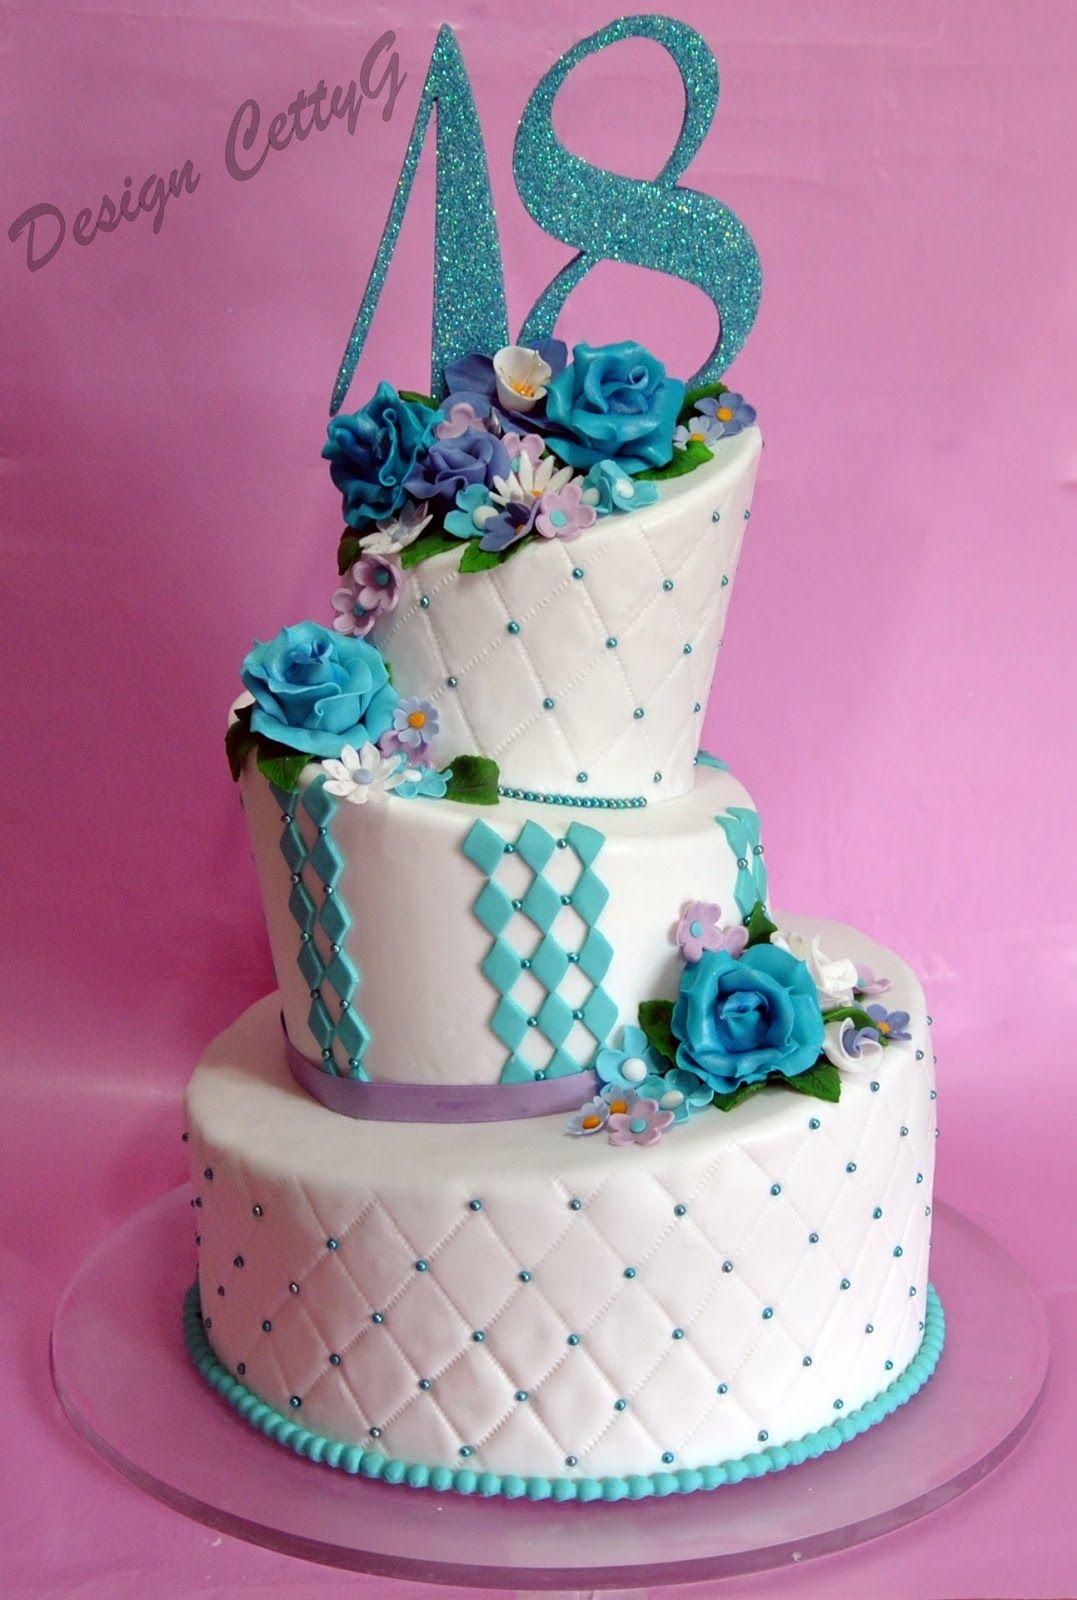 Preferenza Le torte decorate di Cetty G: Wonky cake 18 Anni | dolci  TZ65